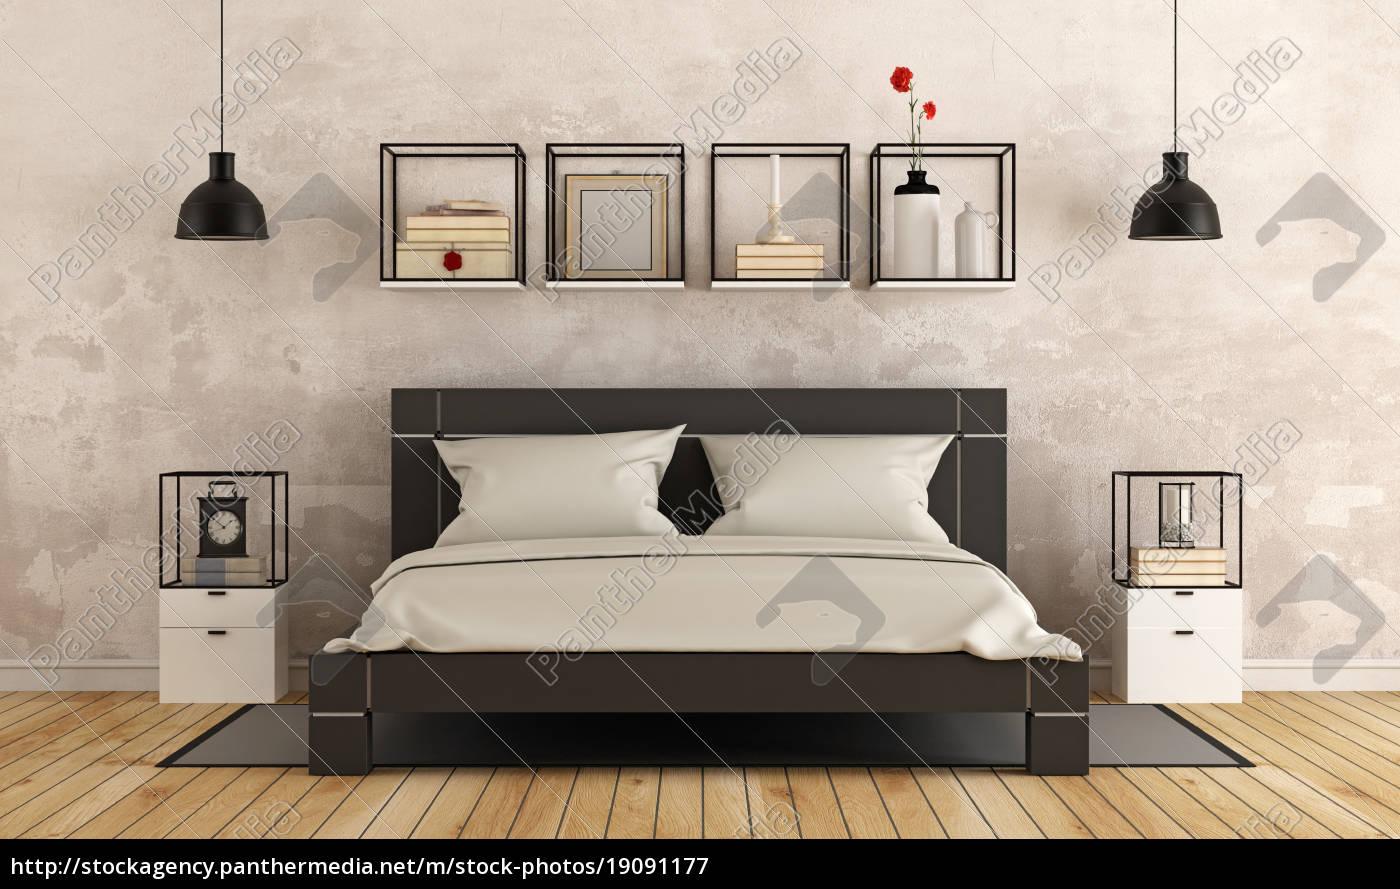 Modernes Schlafzimmer Mit Alten Mauer Lizenzfreies Bild 19091177 Bildagentur Panthermedia